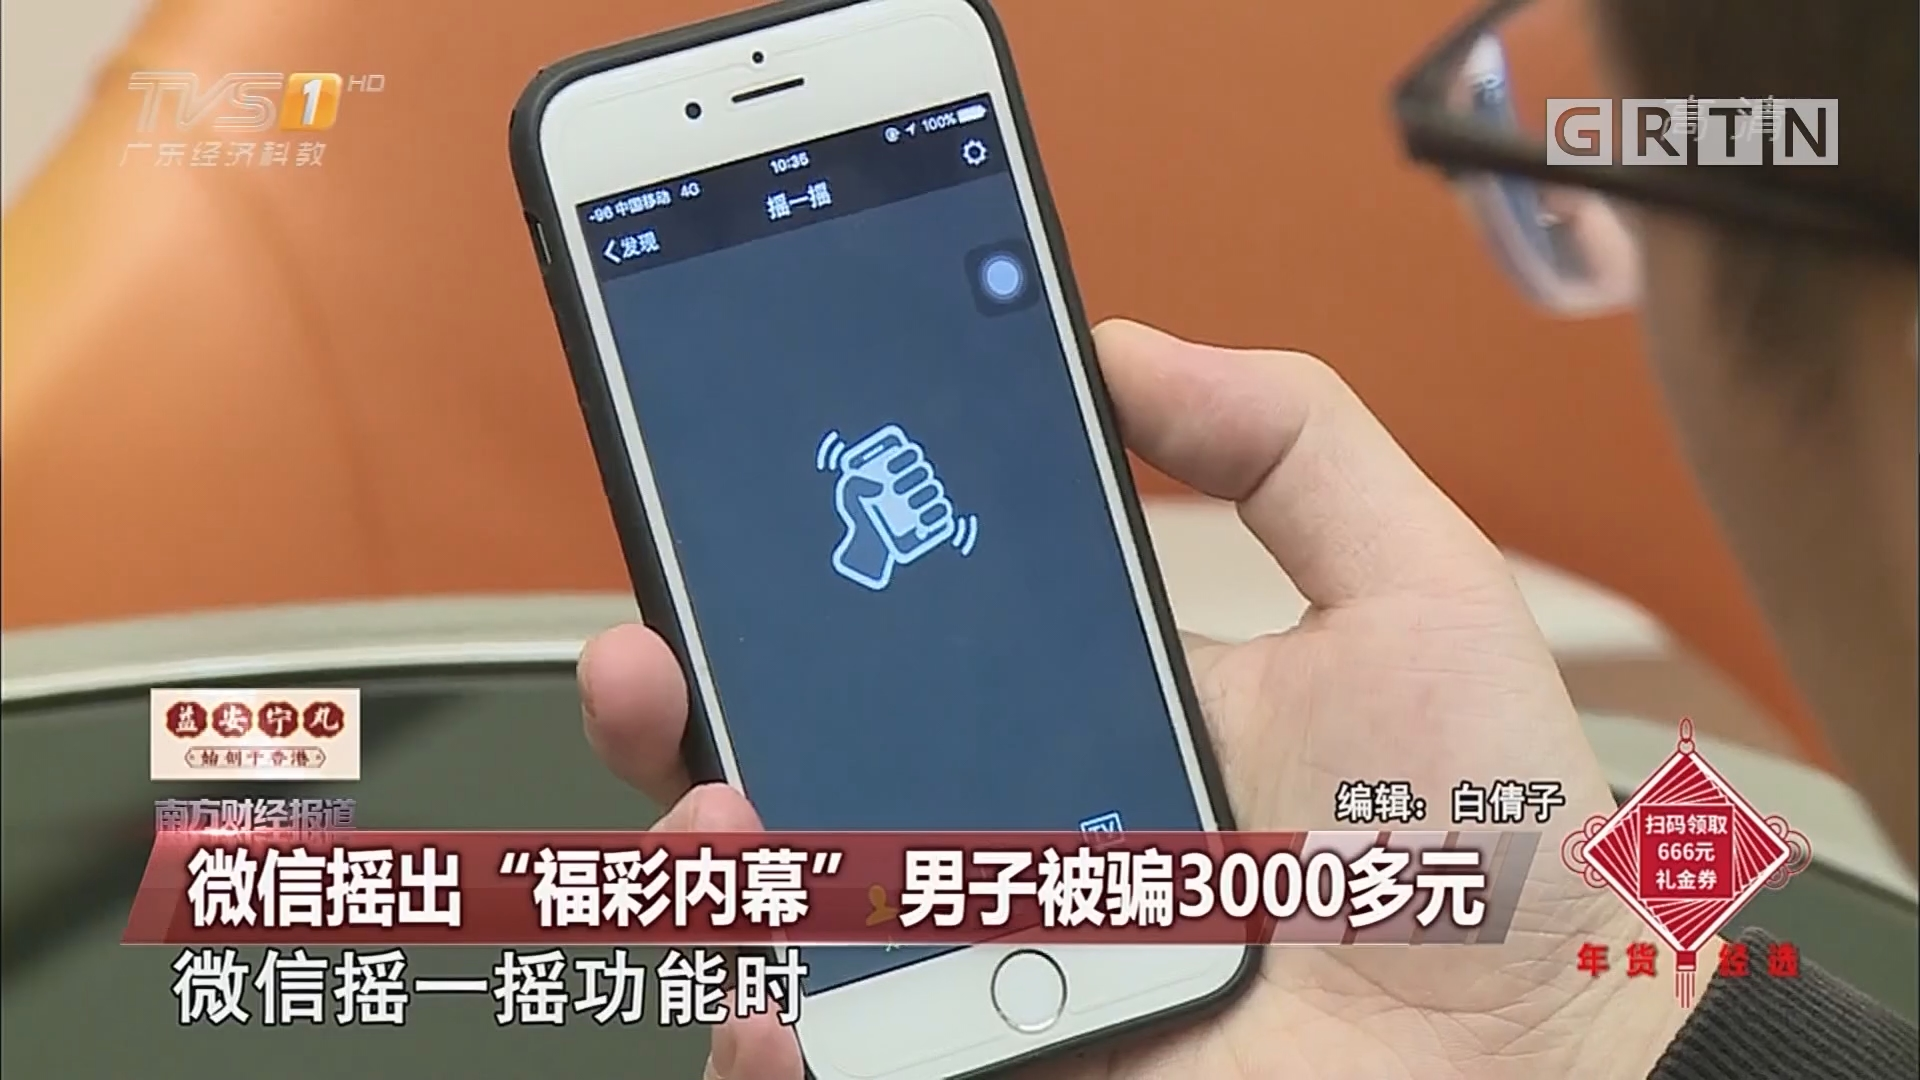 """微信摇出""""福彩内幕"""" 男子被骗3000多元"""